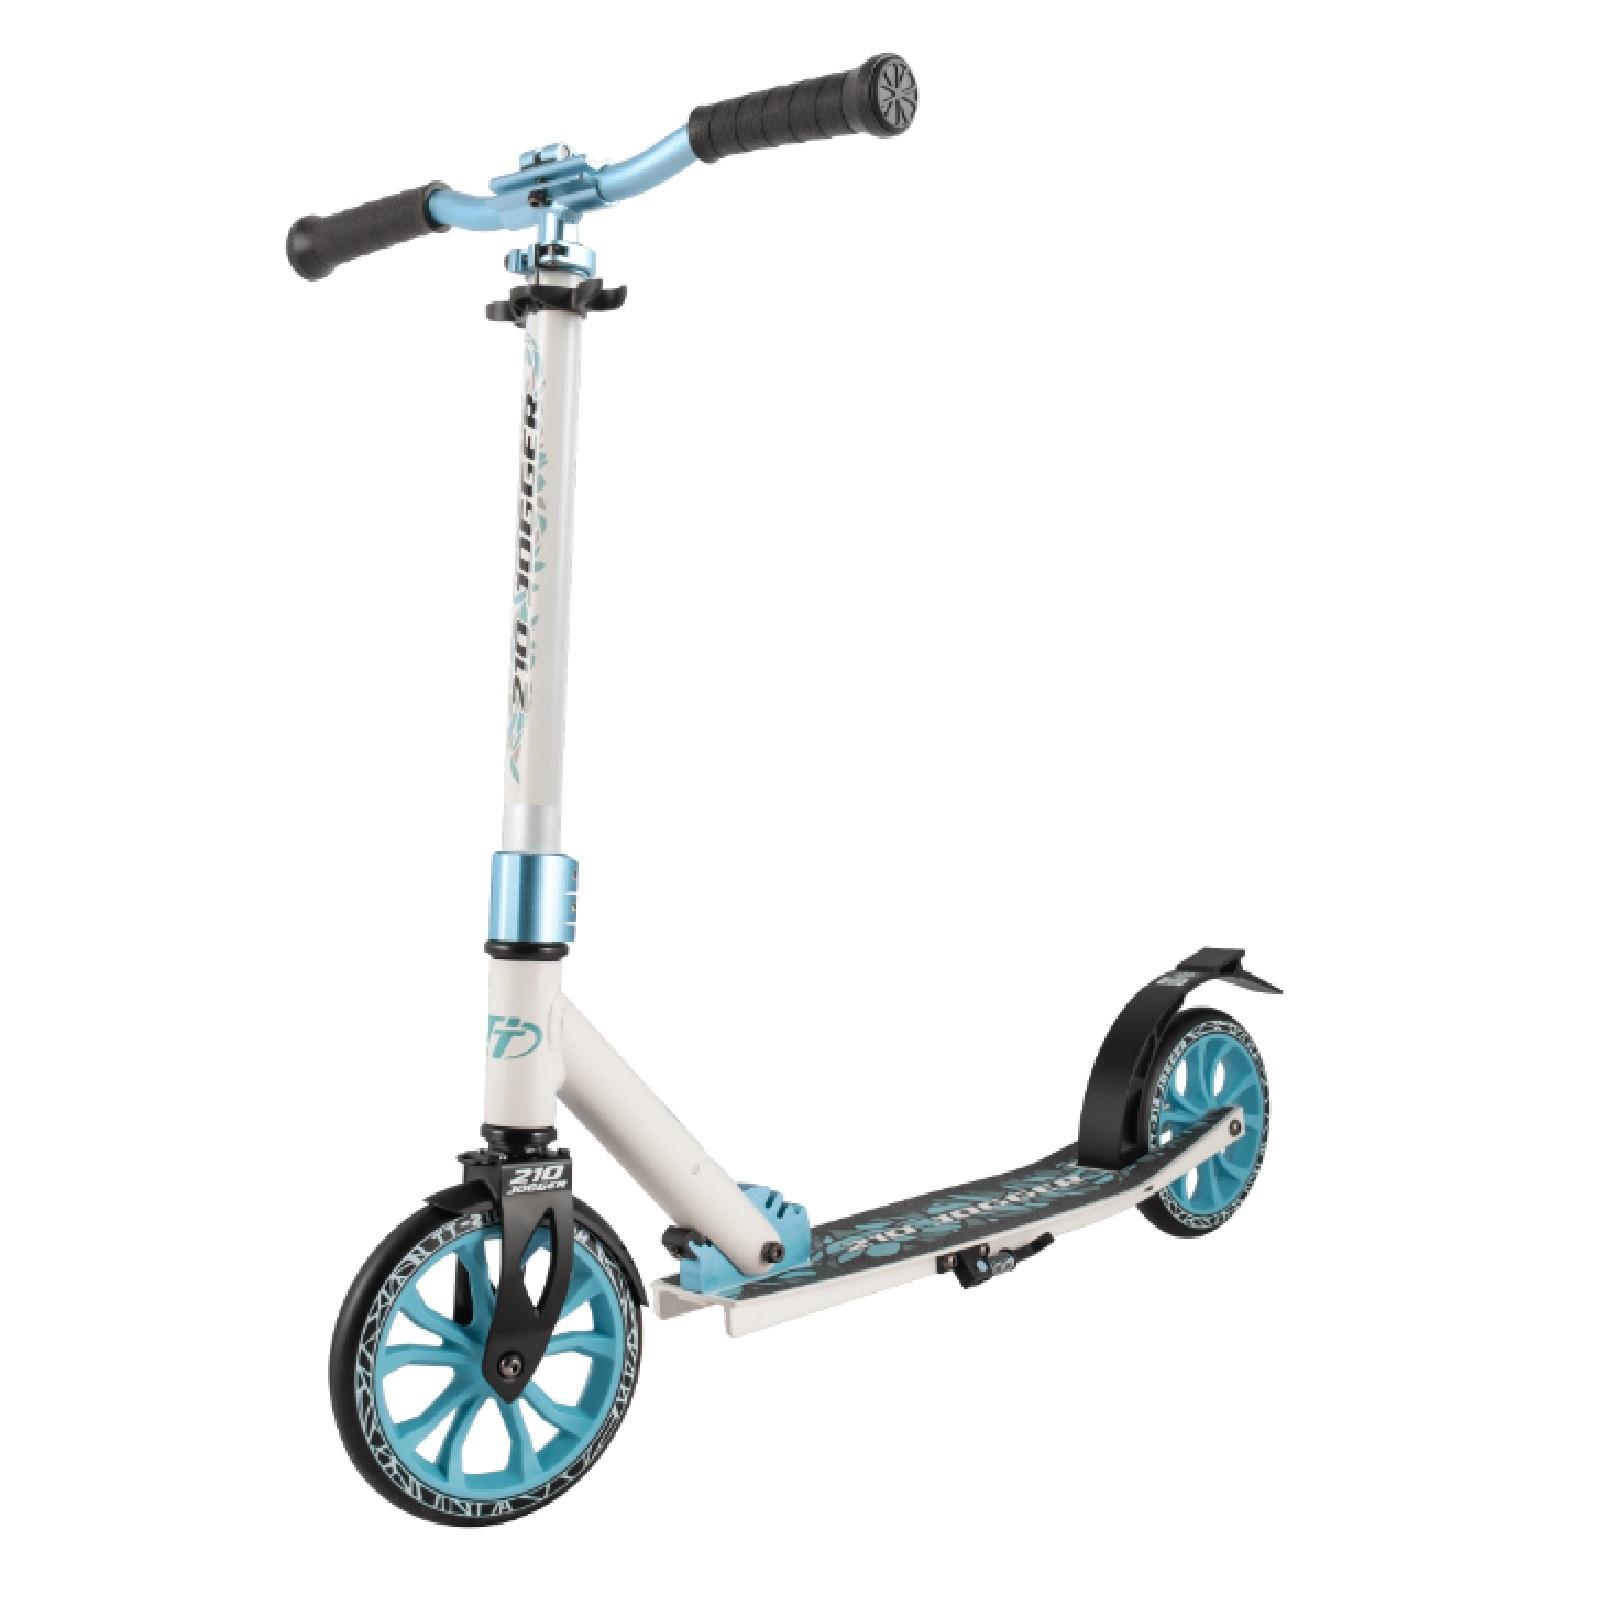 Детский складной самокат TechTeam Jogger 210 2020 / Бело-голубой